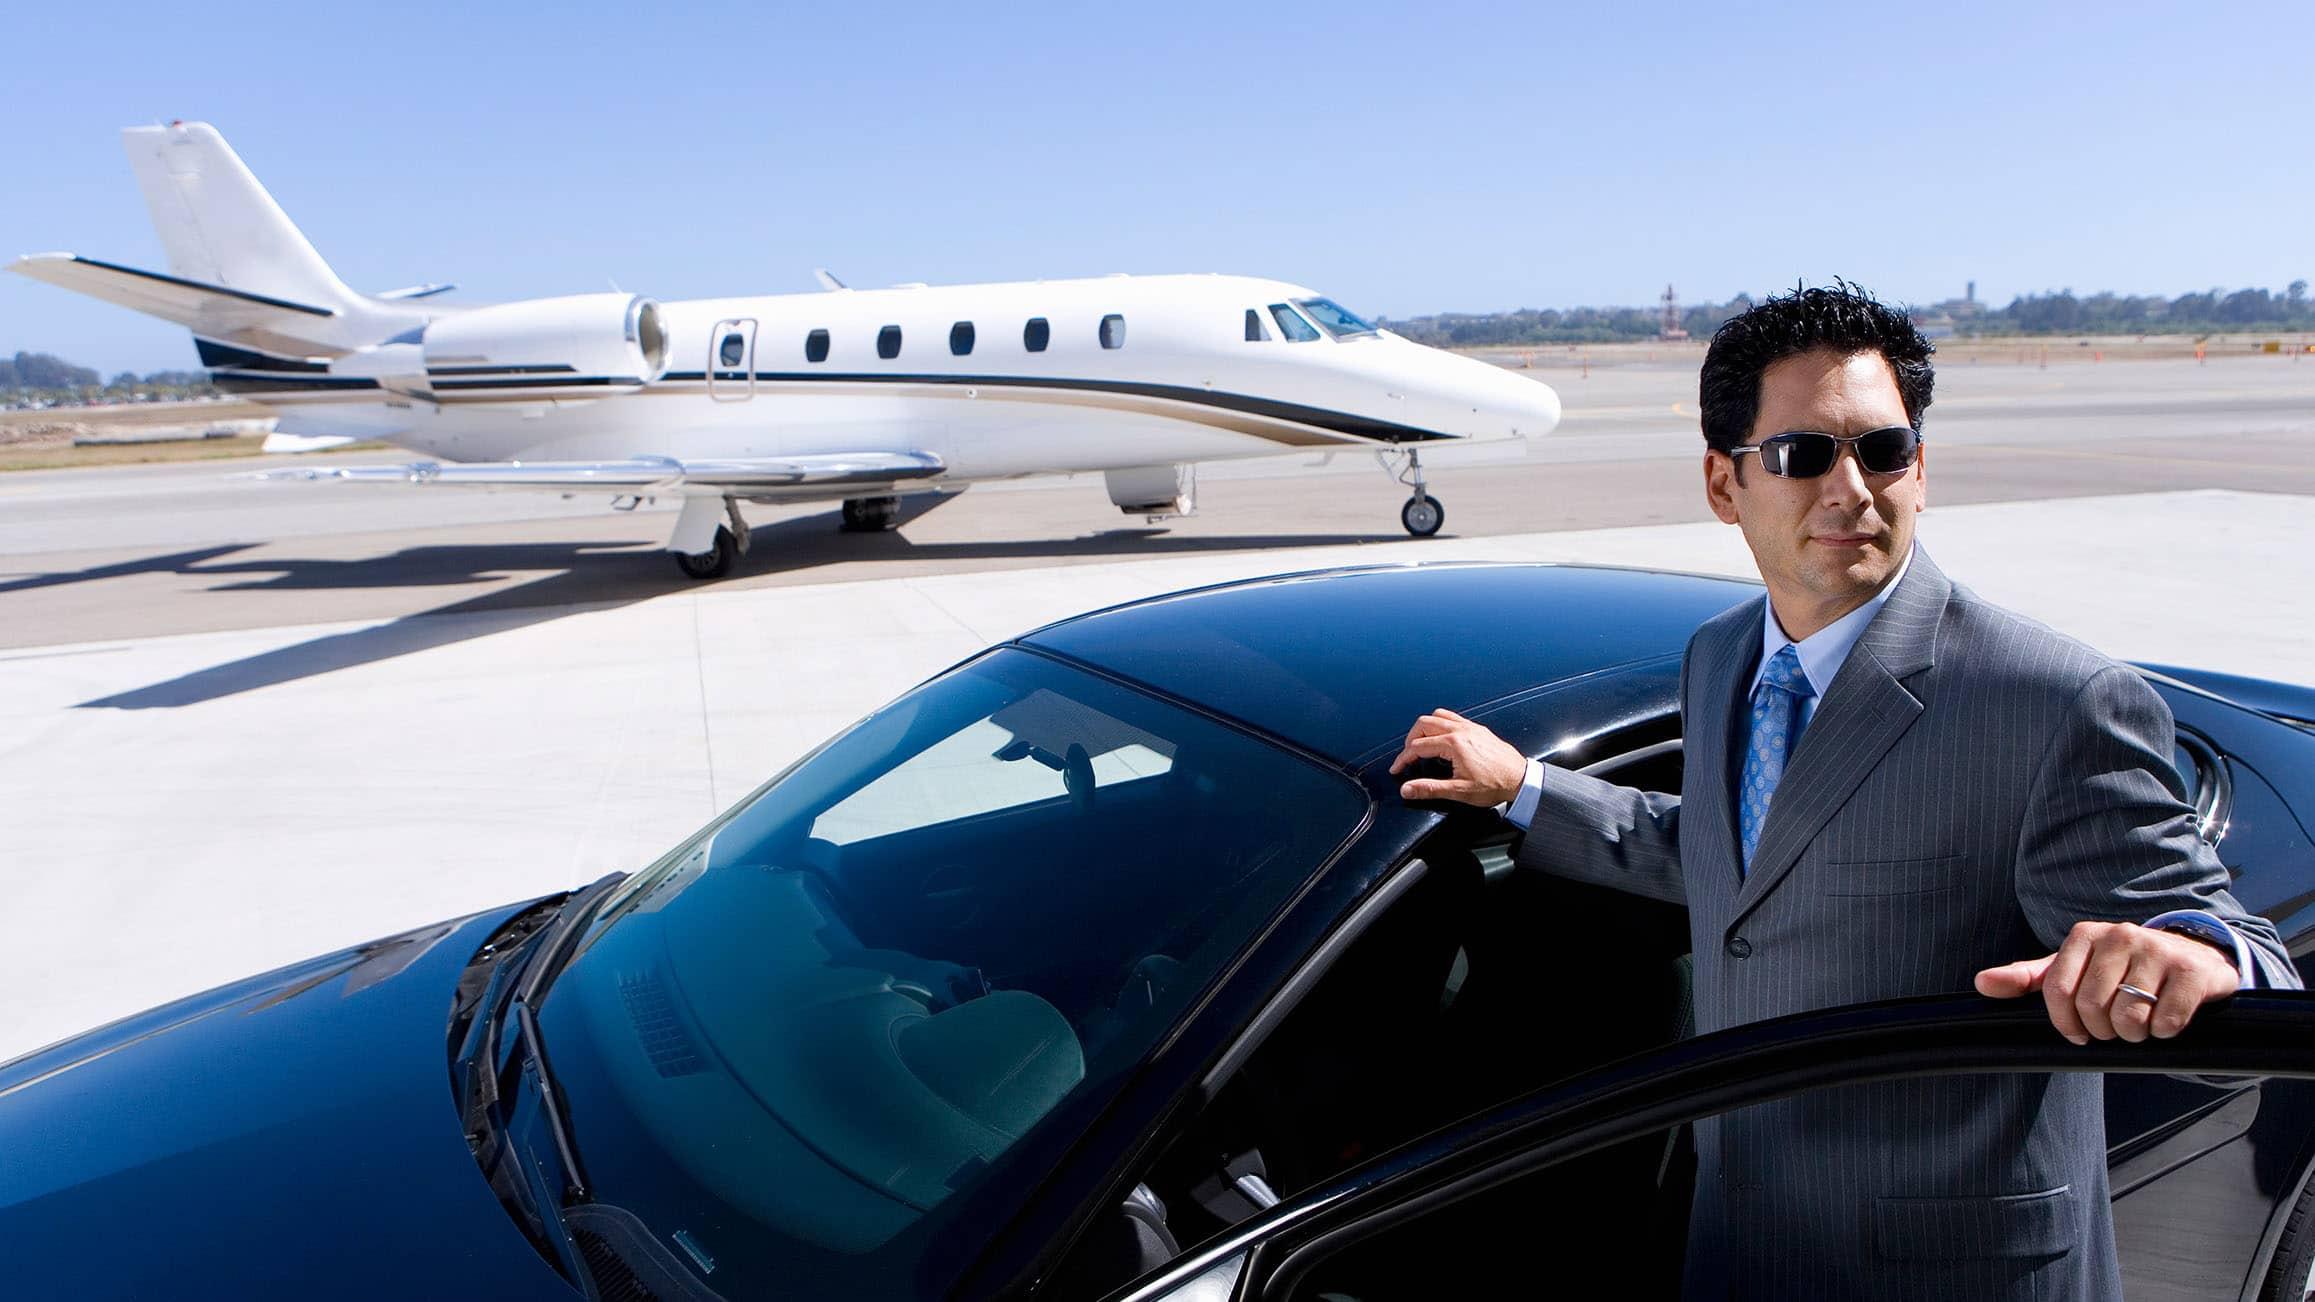 Mentes Millonarias: 15 Frases para pensar como un millonario